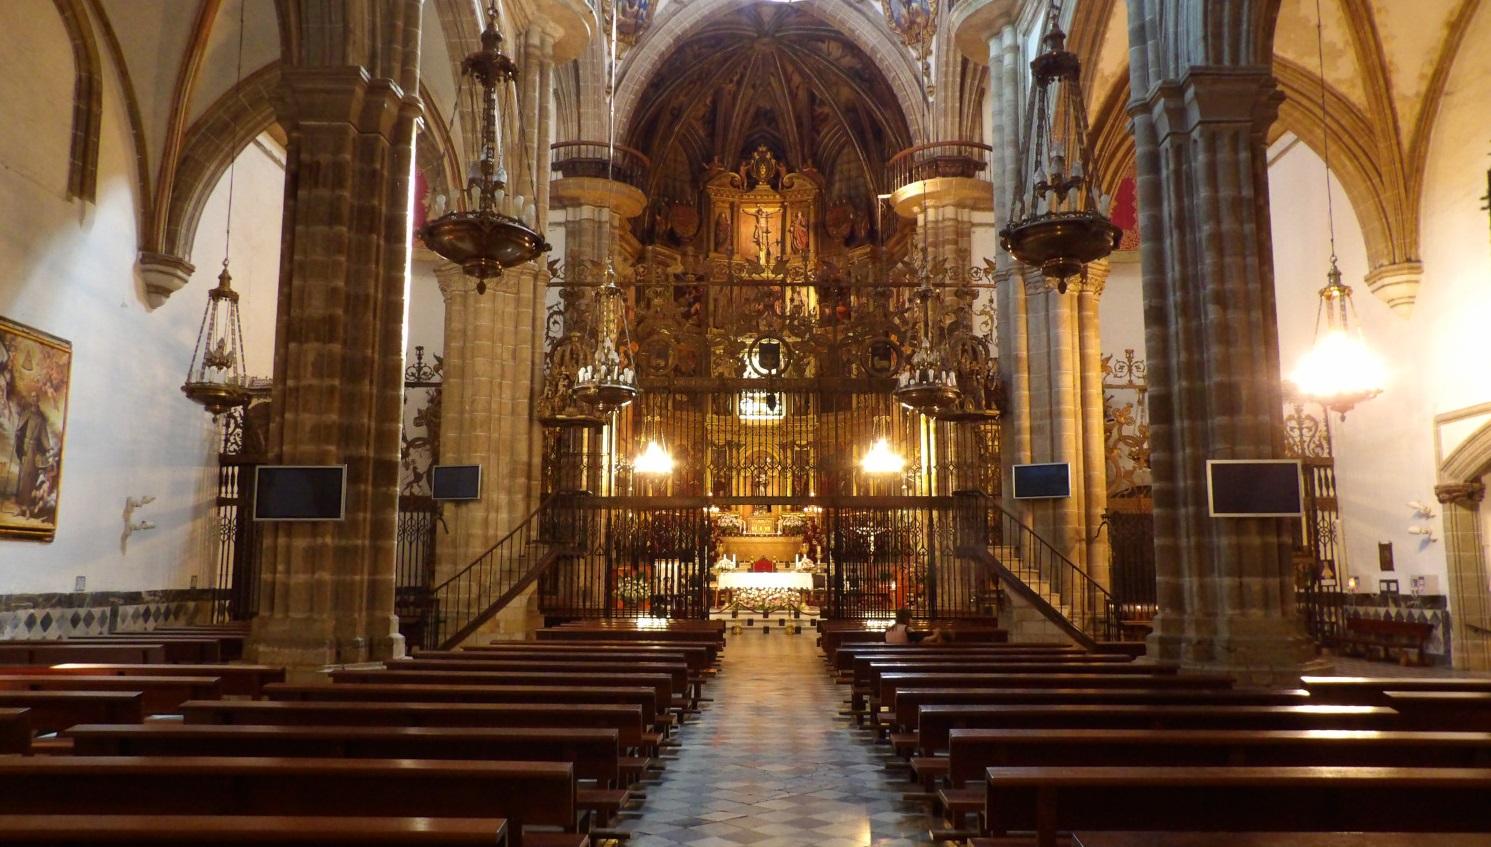 Interior del monasterio de Guadalupe, interior de la basílica